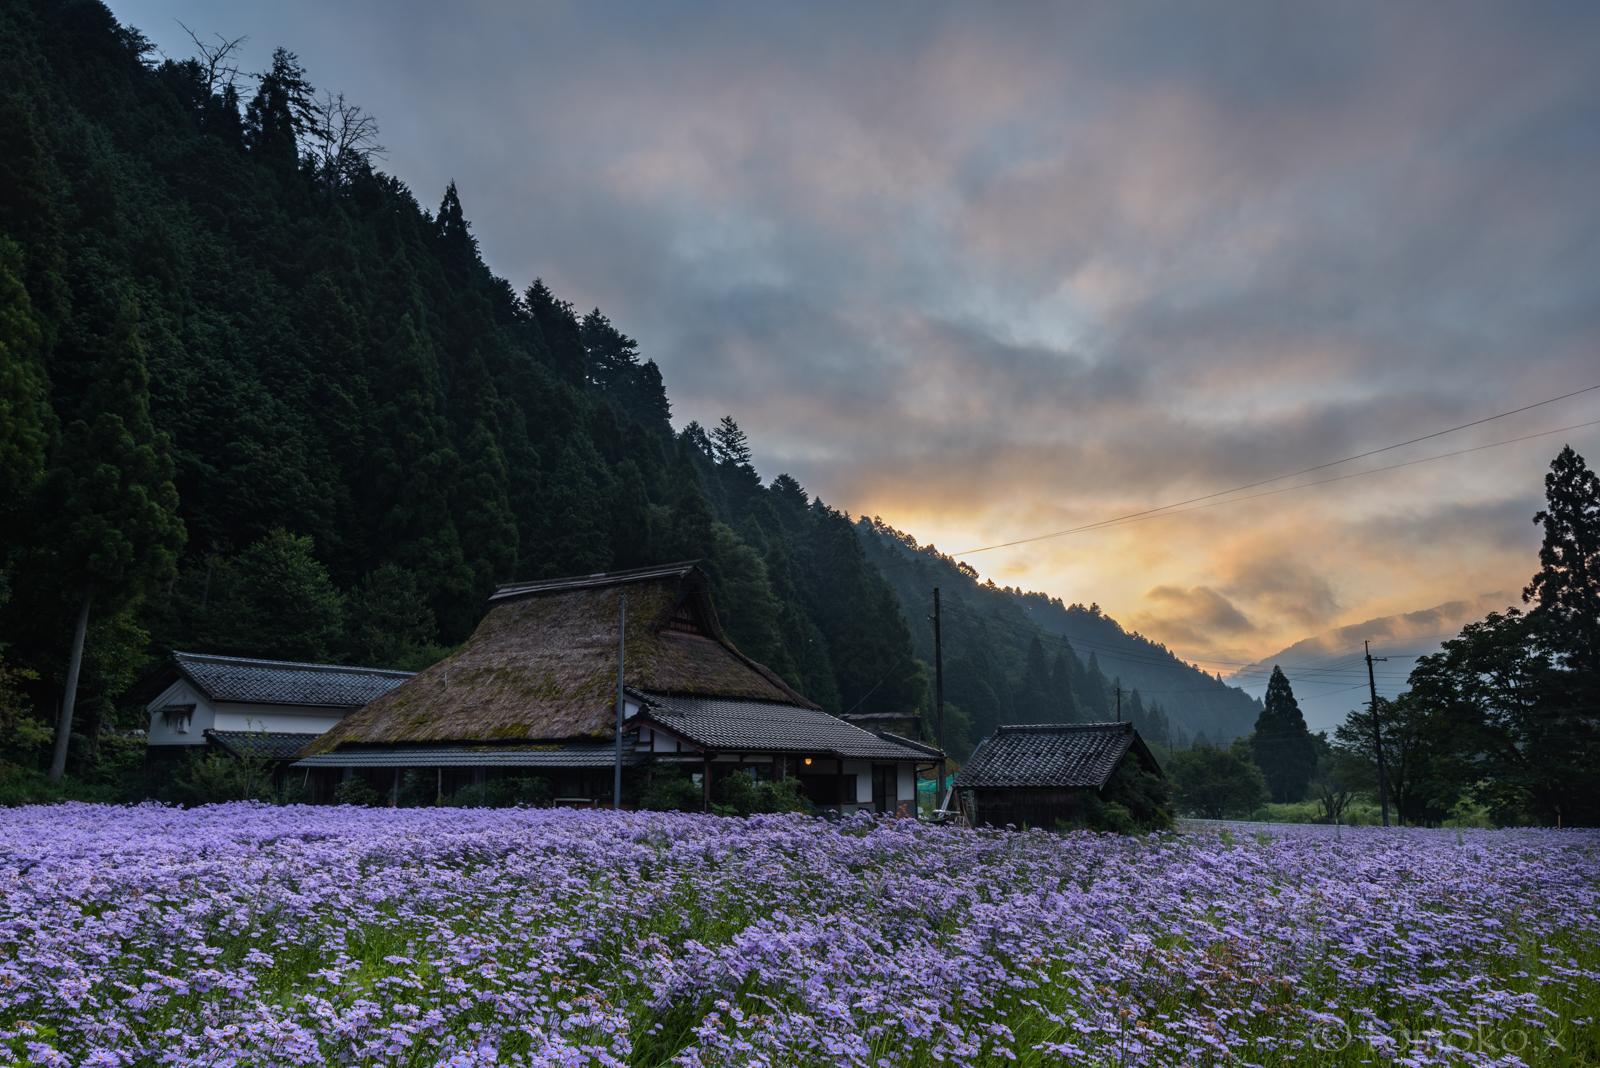 久多の北山友禅菊と茅葺き屋根の朝